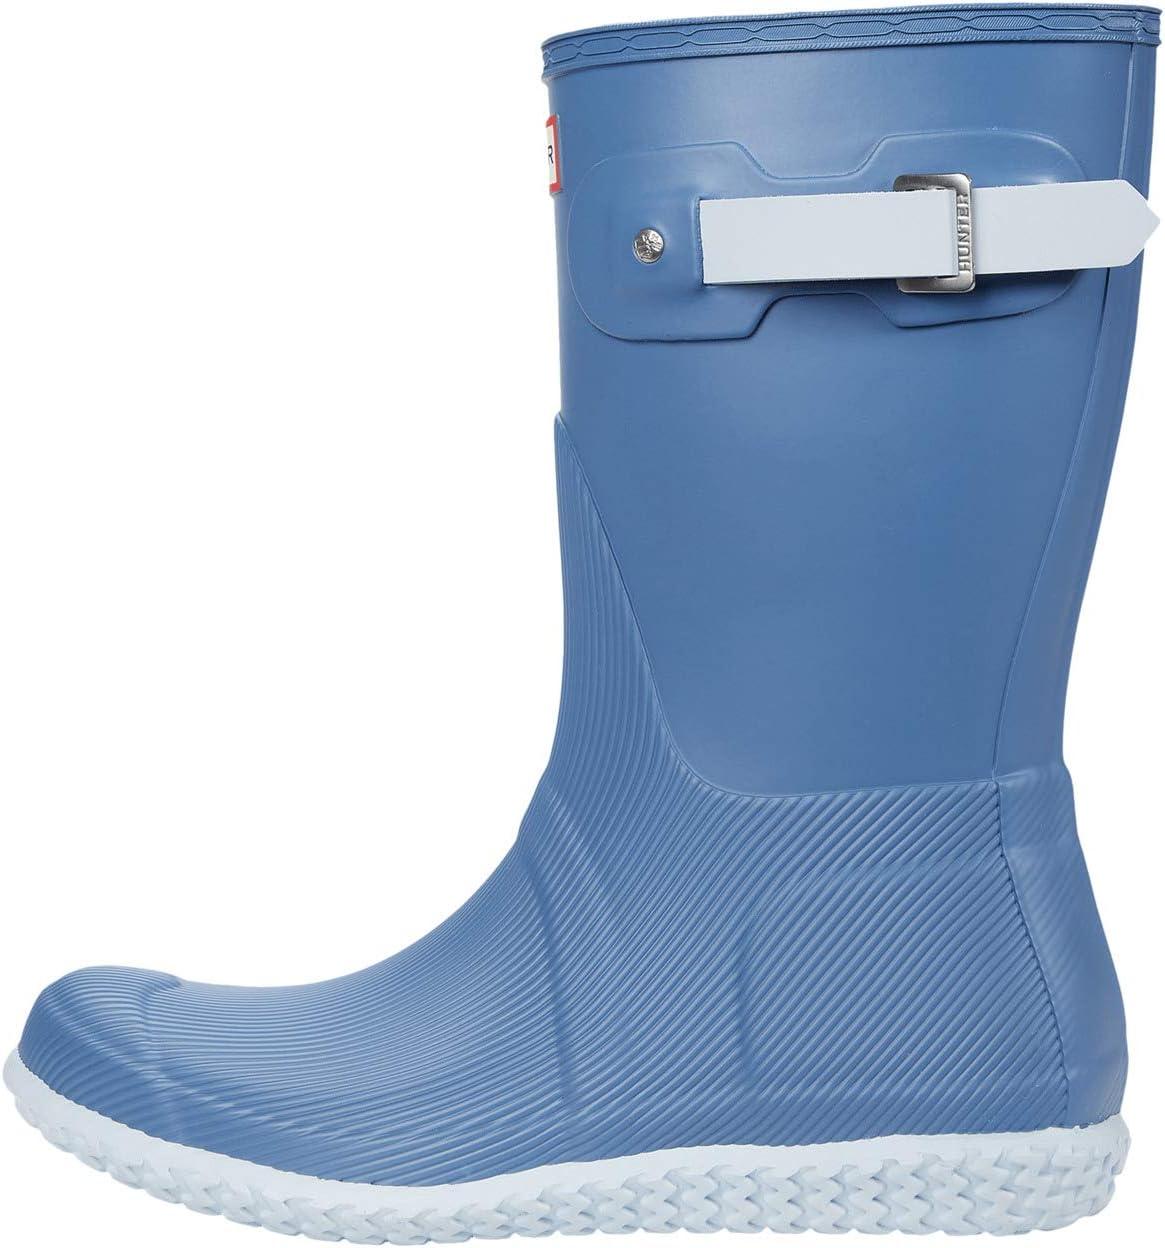 Hunter Original Short Calendar Sole Boot | Women's shoes | 2020 Newest